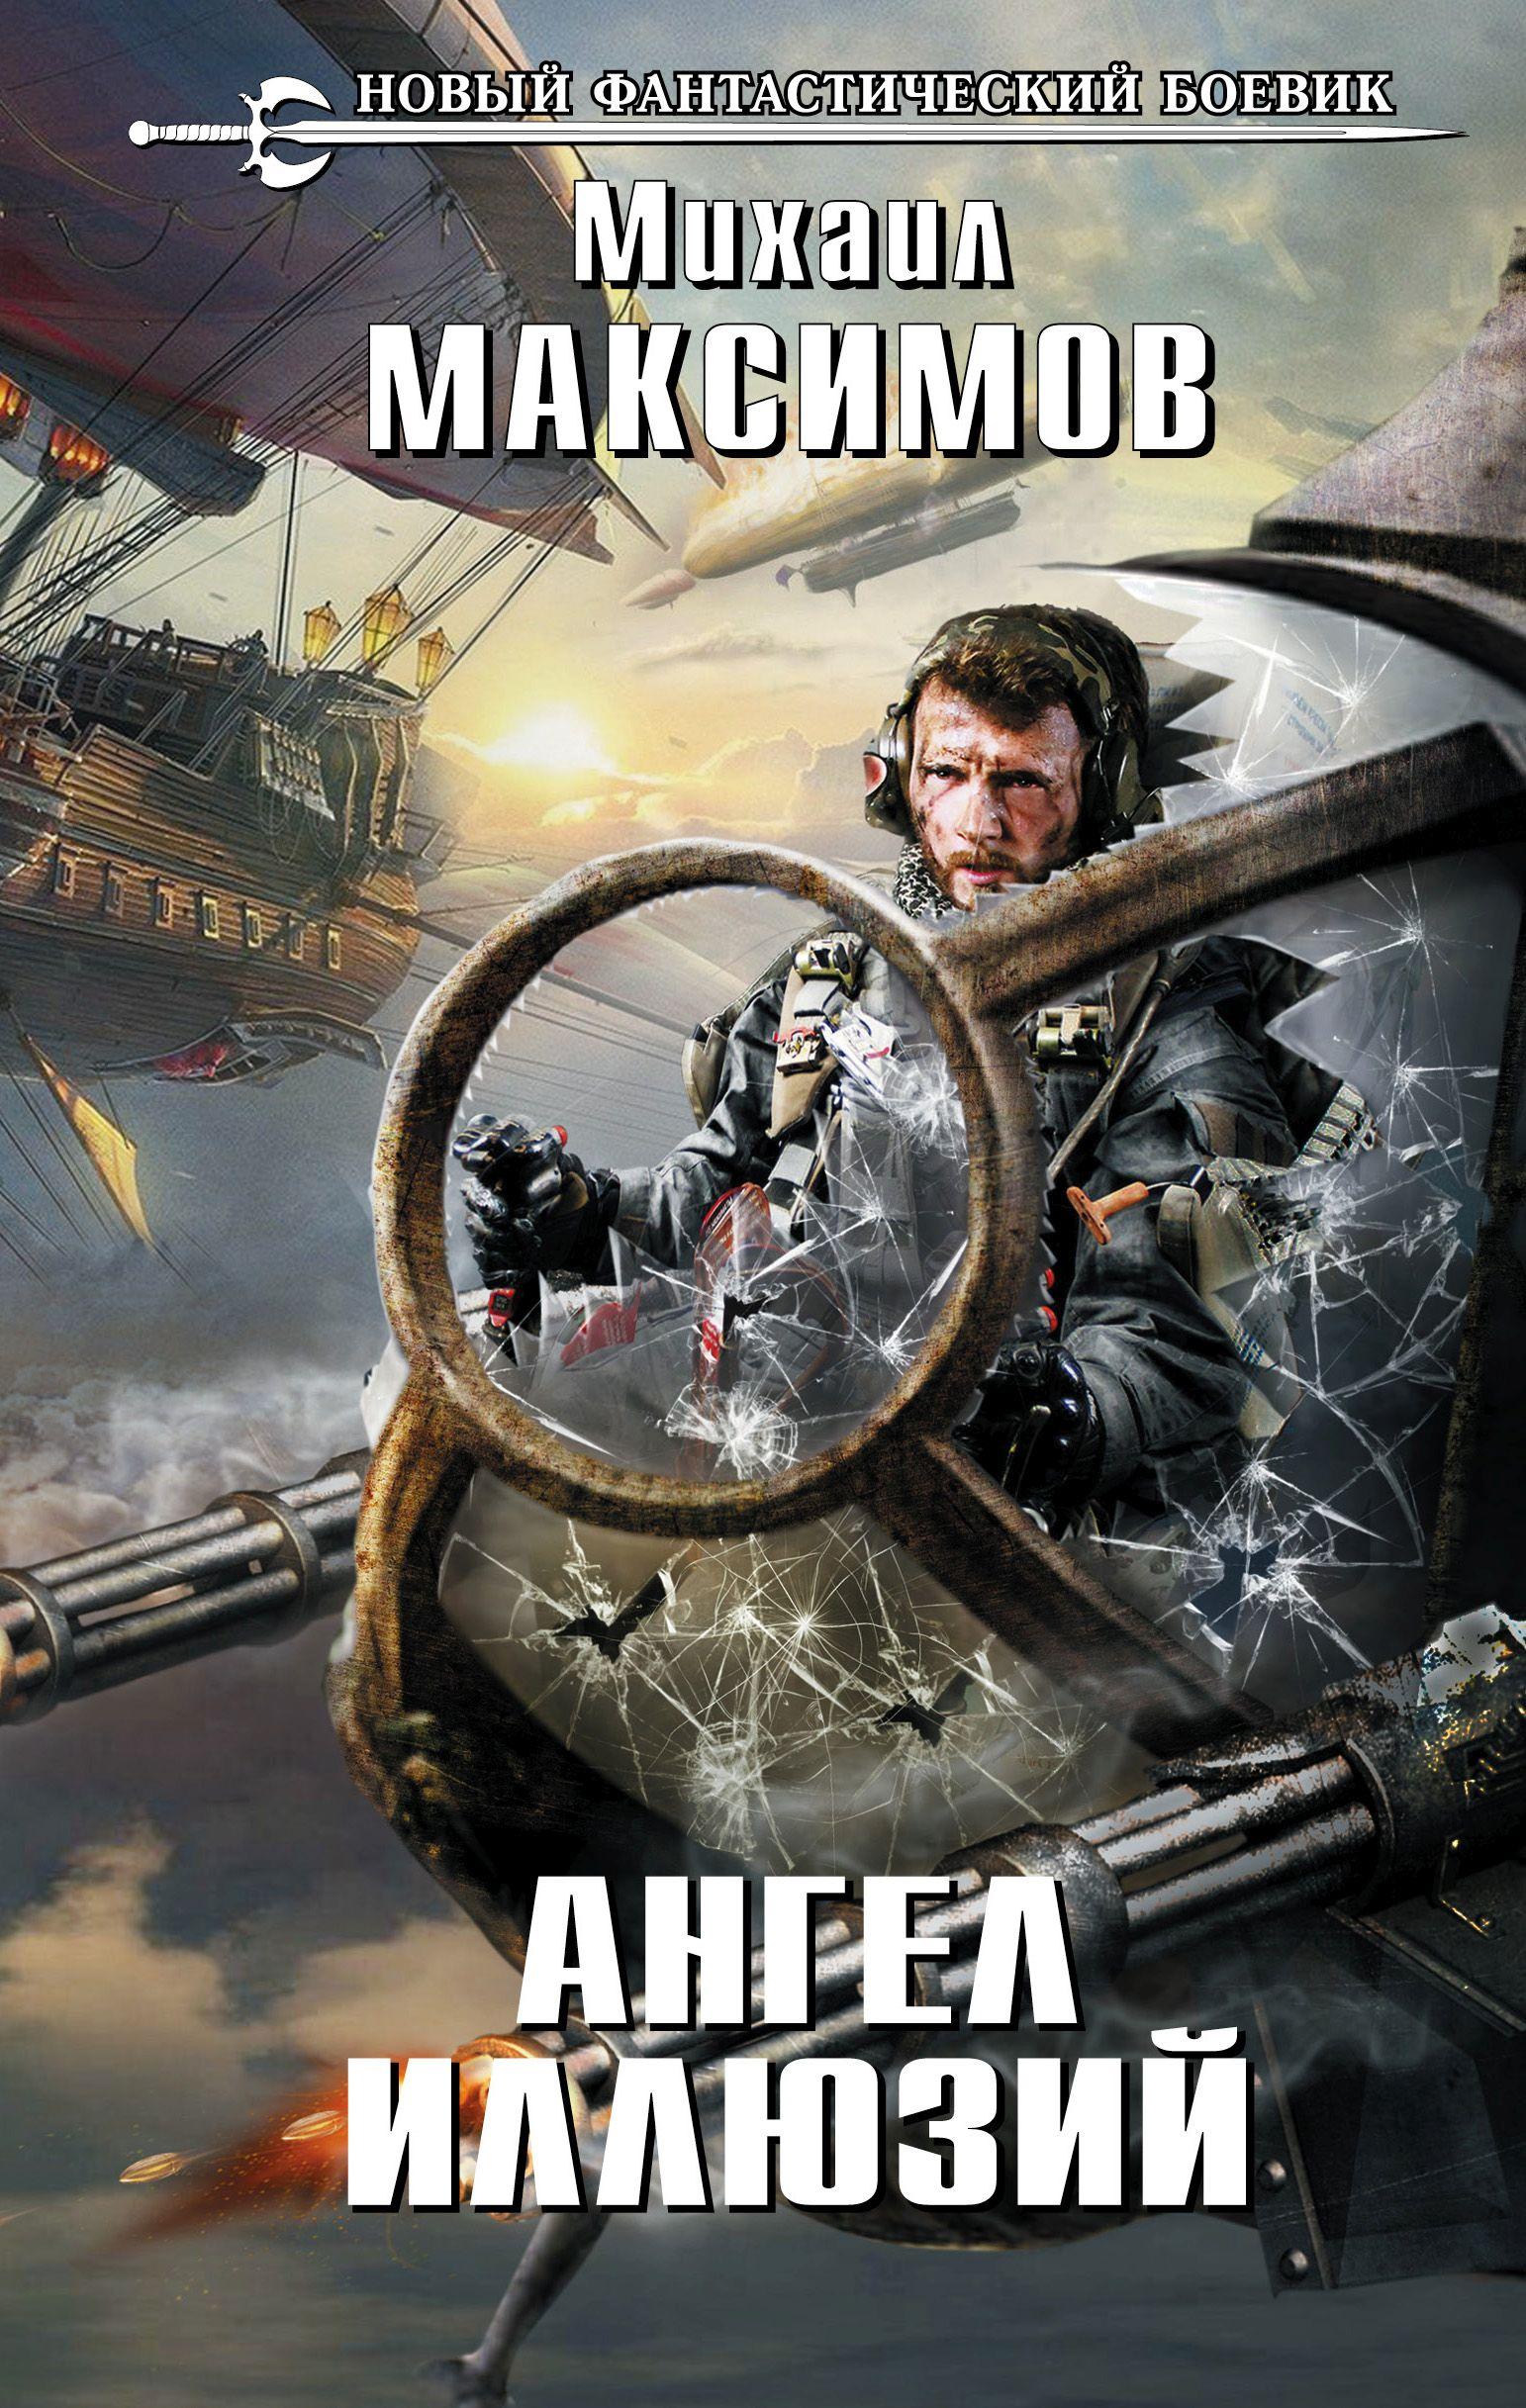 Михаил Максимов Ангел иллюзий